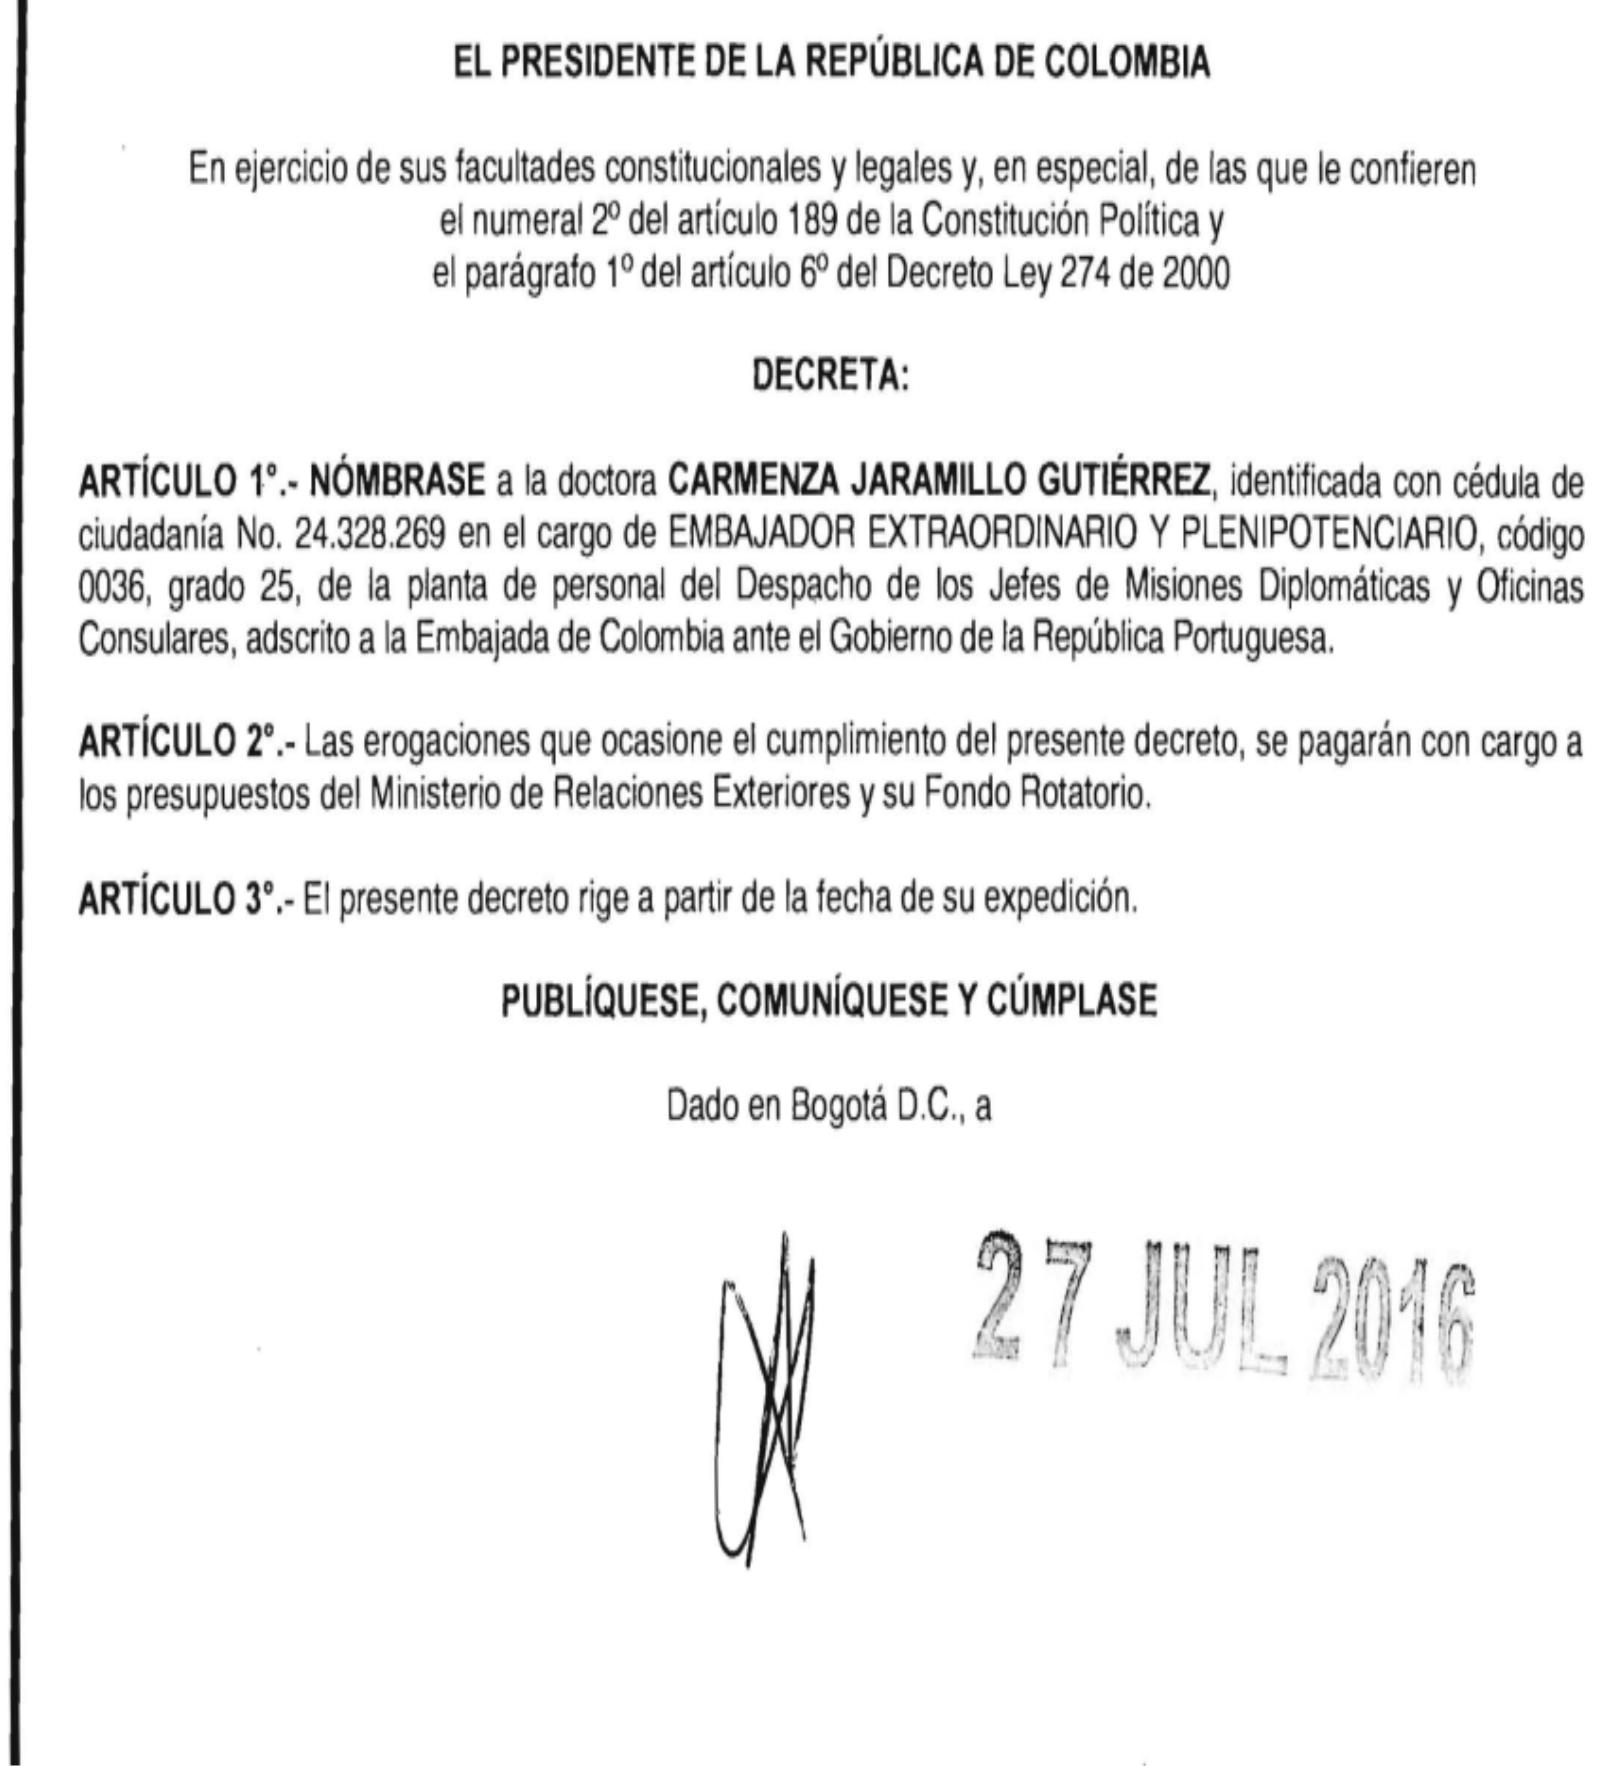 Decreto carmenza